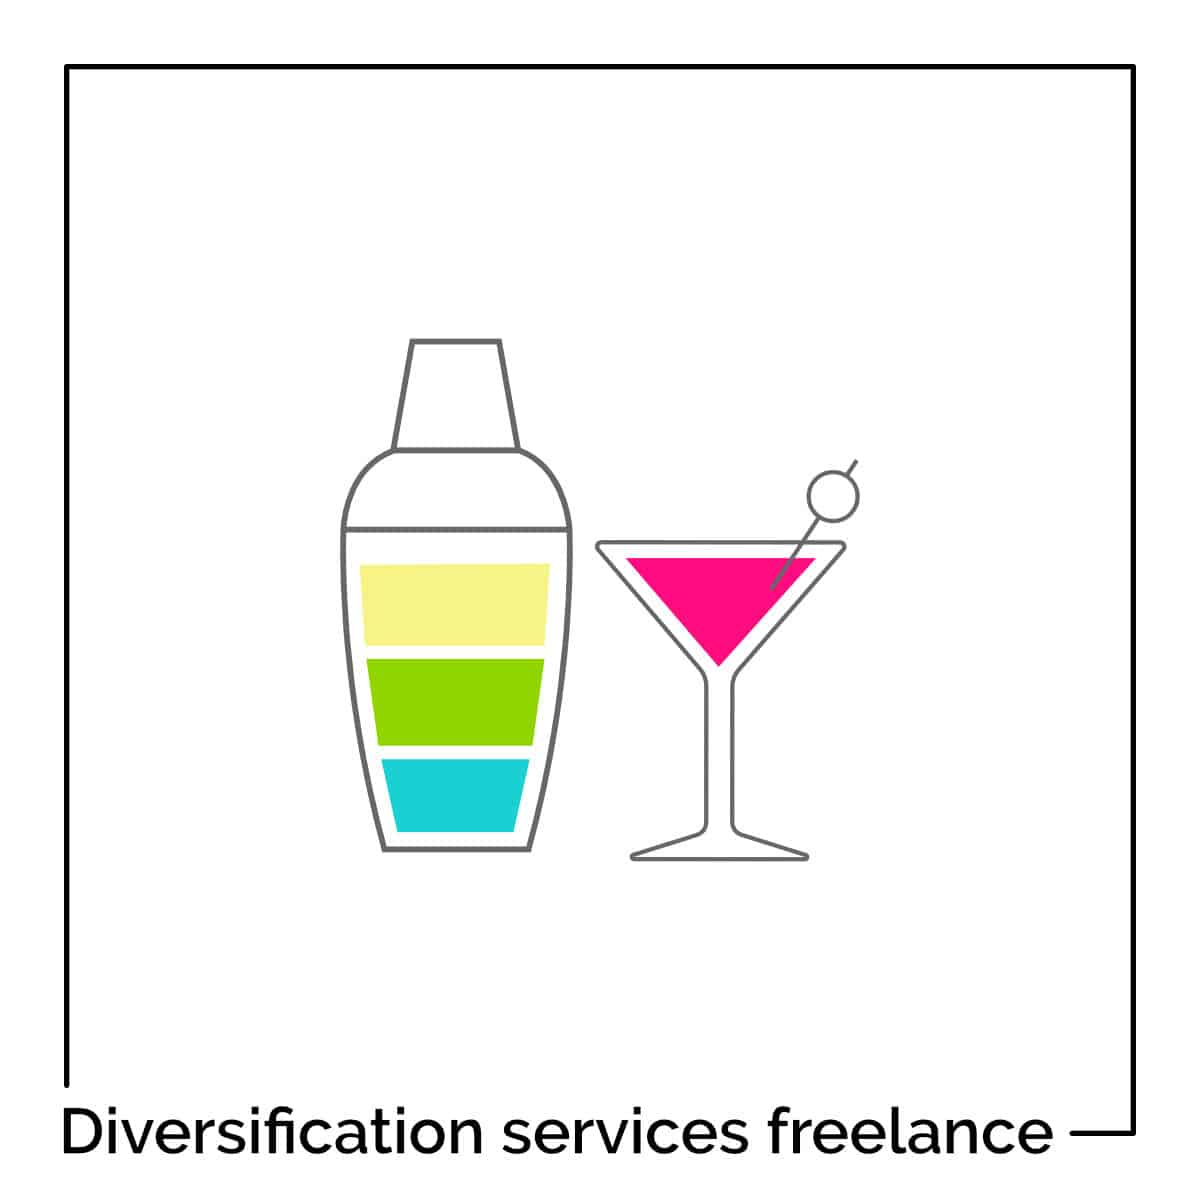 Doit-on diversifier ses services en freelance ?